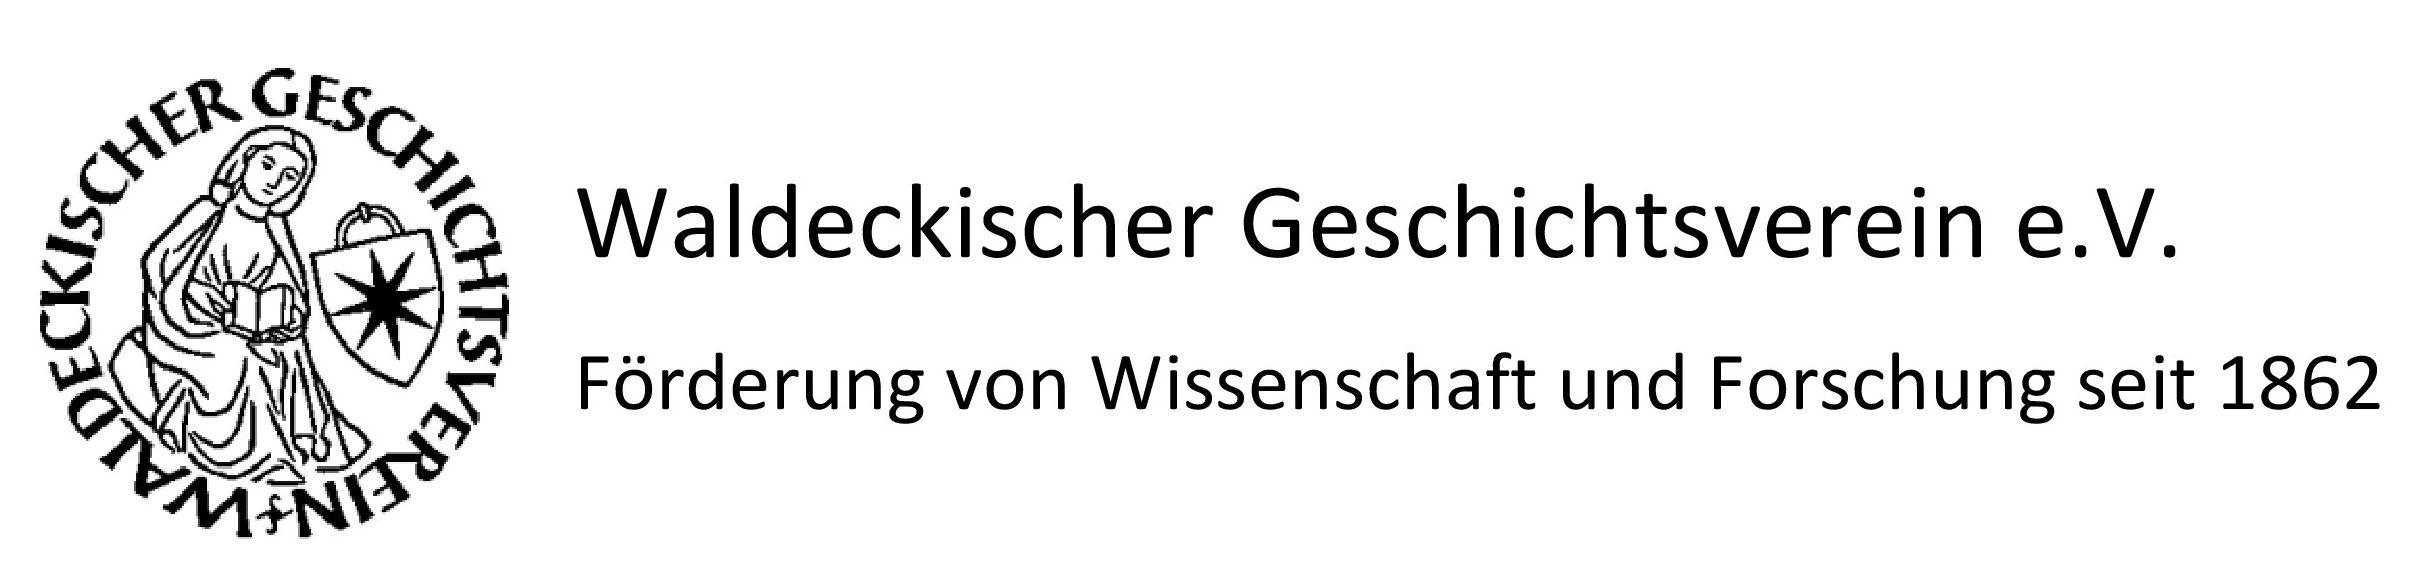 Waldeckischer Geschichtsverein